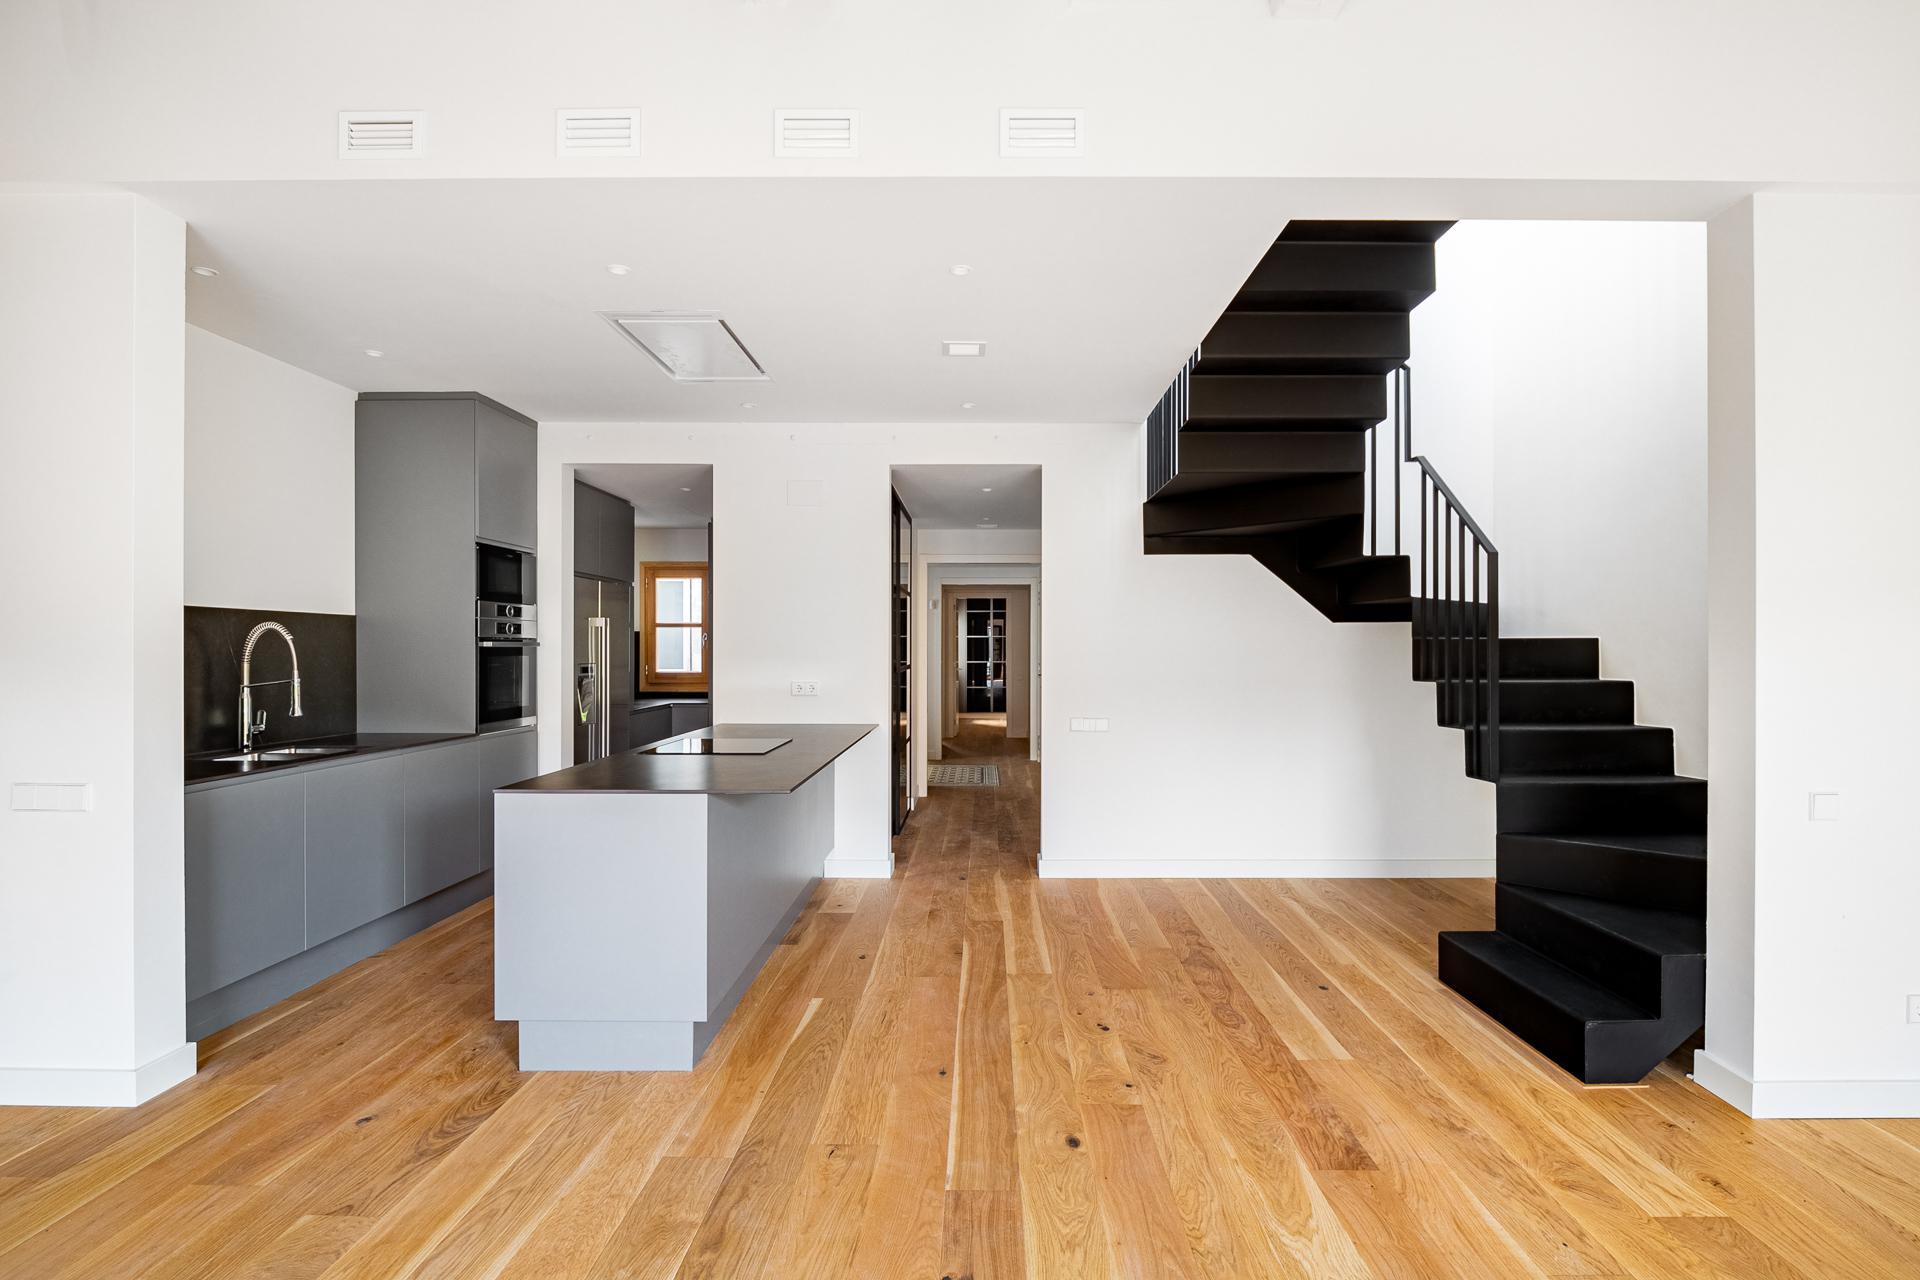 245902 Penthouse for sale in Ciutat Vella, St. Pere St. Caterina and La Ribera 3